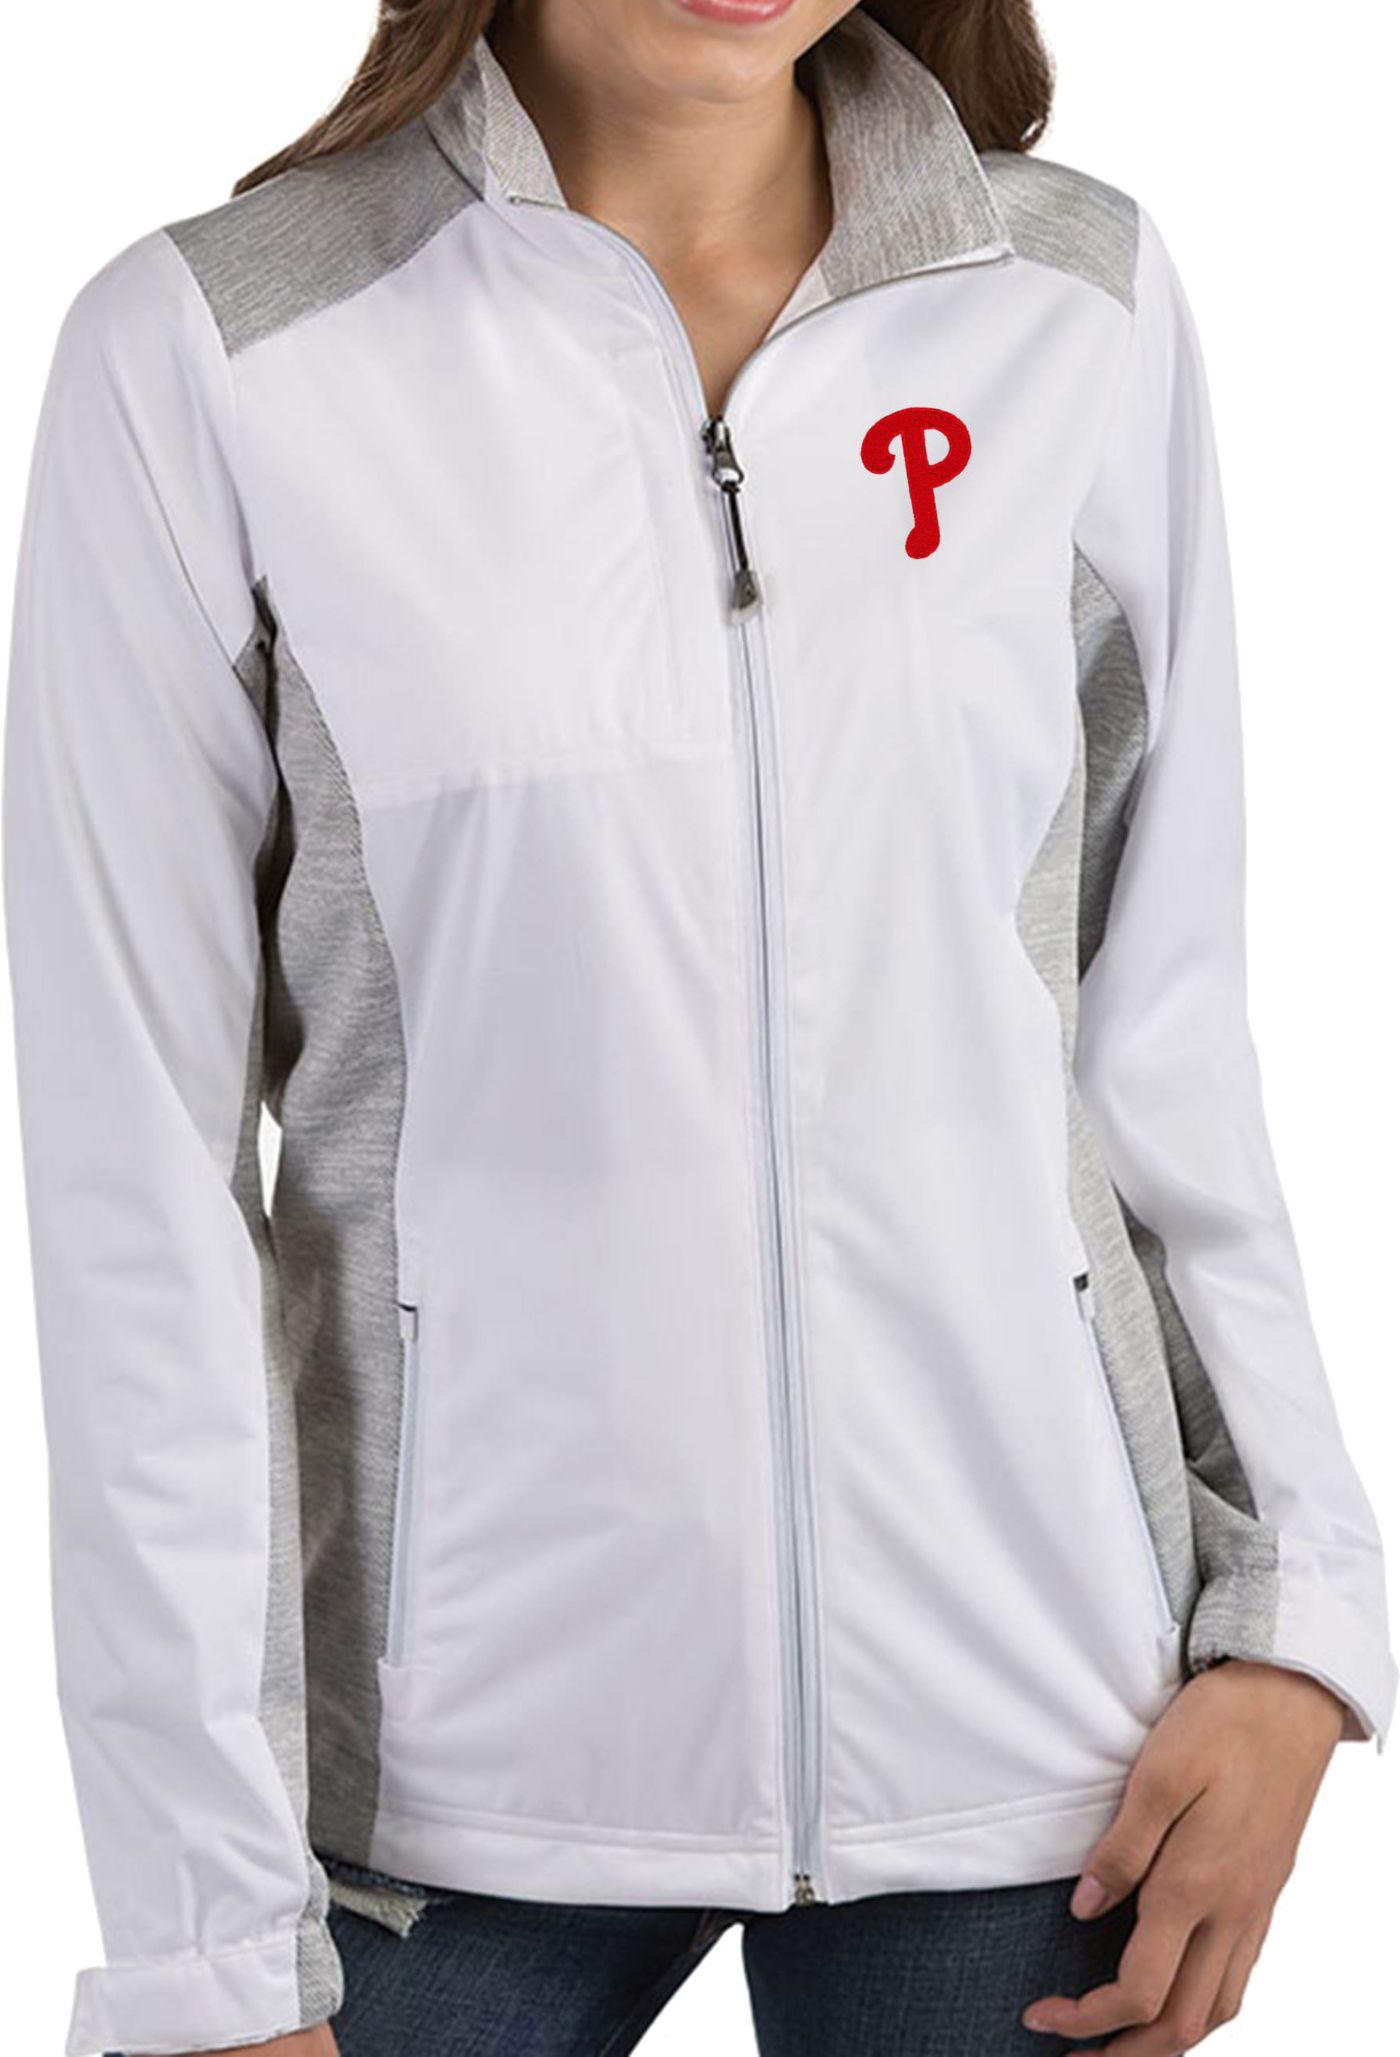 Antigua Women's Philadelphia Phillies Revolve White Full-Zip Jacket